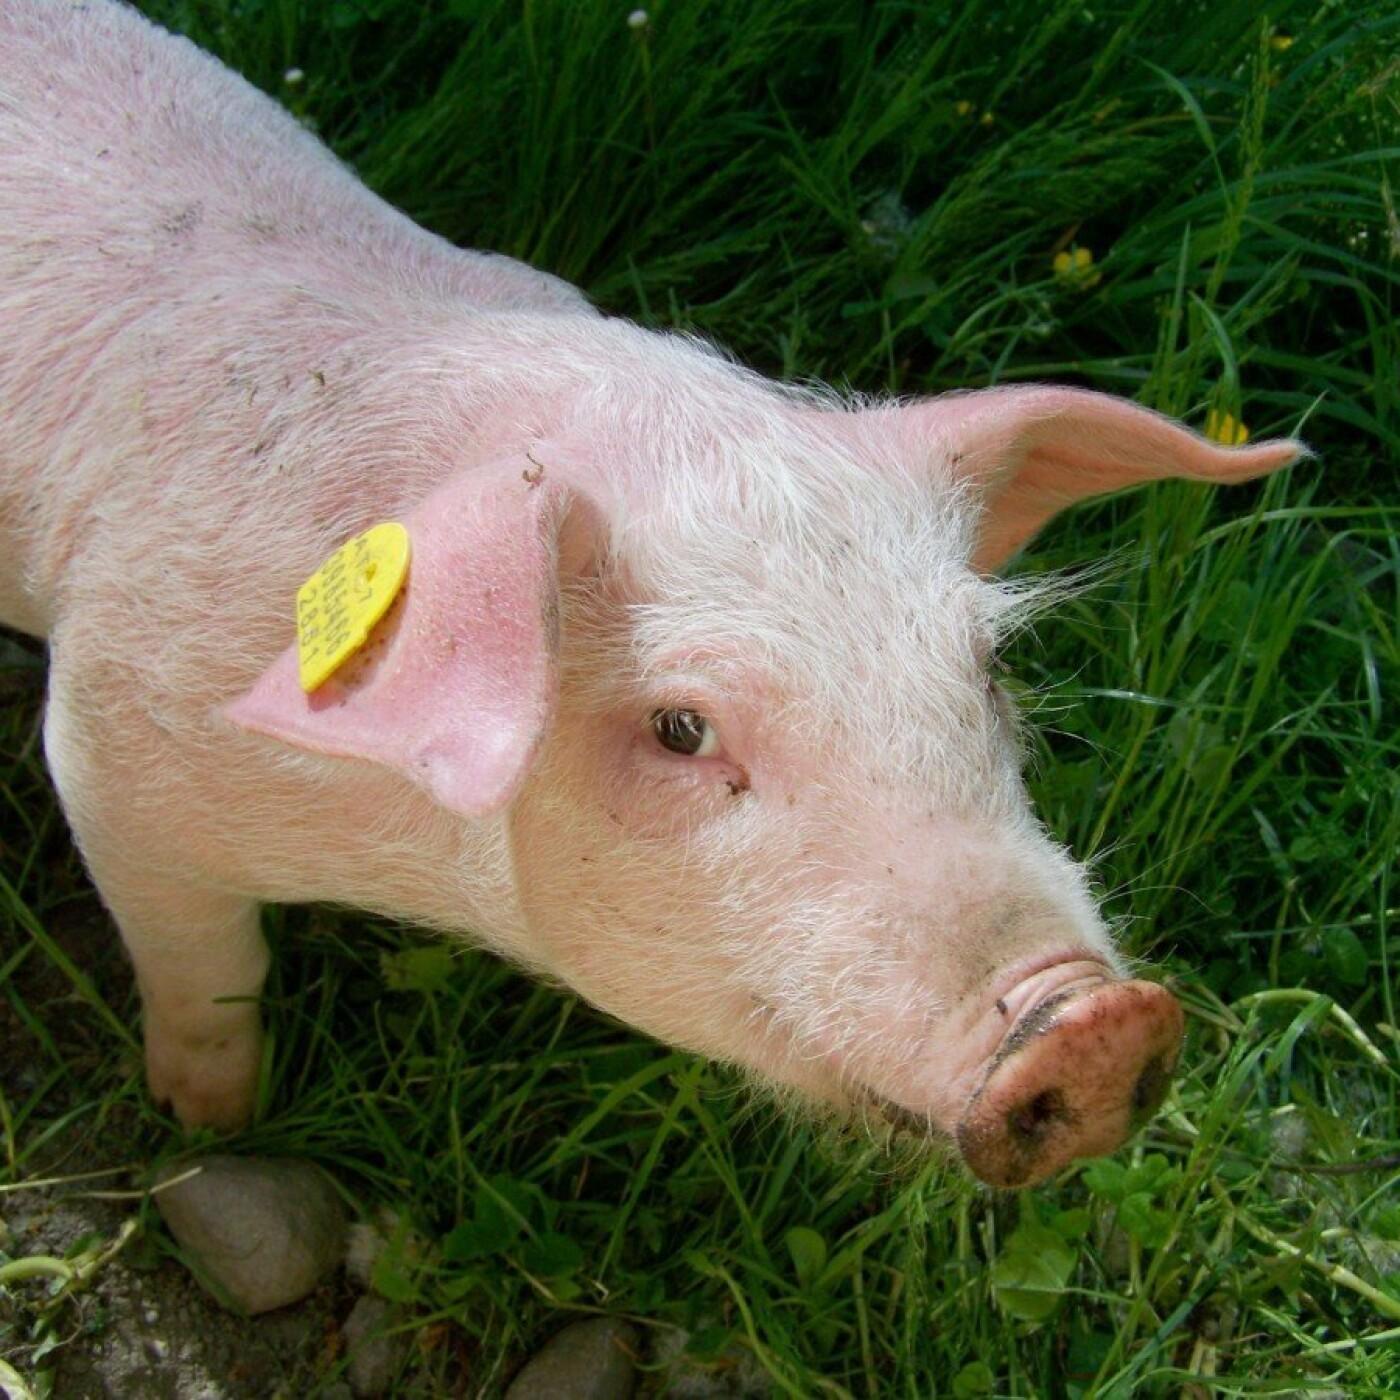 PETA tweete contre les violences animales